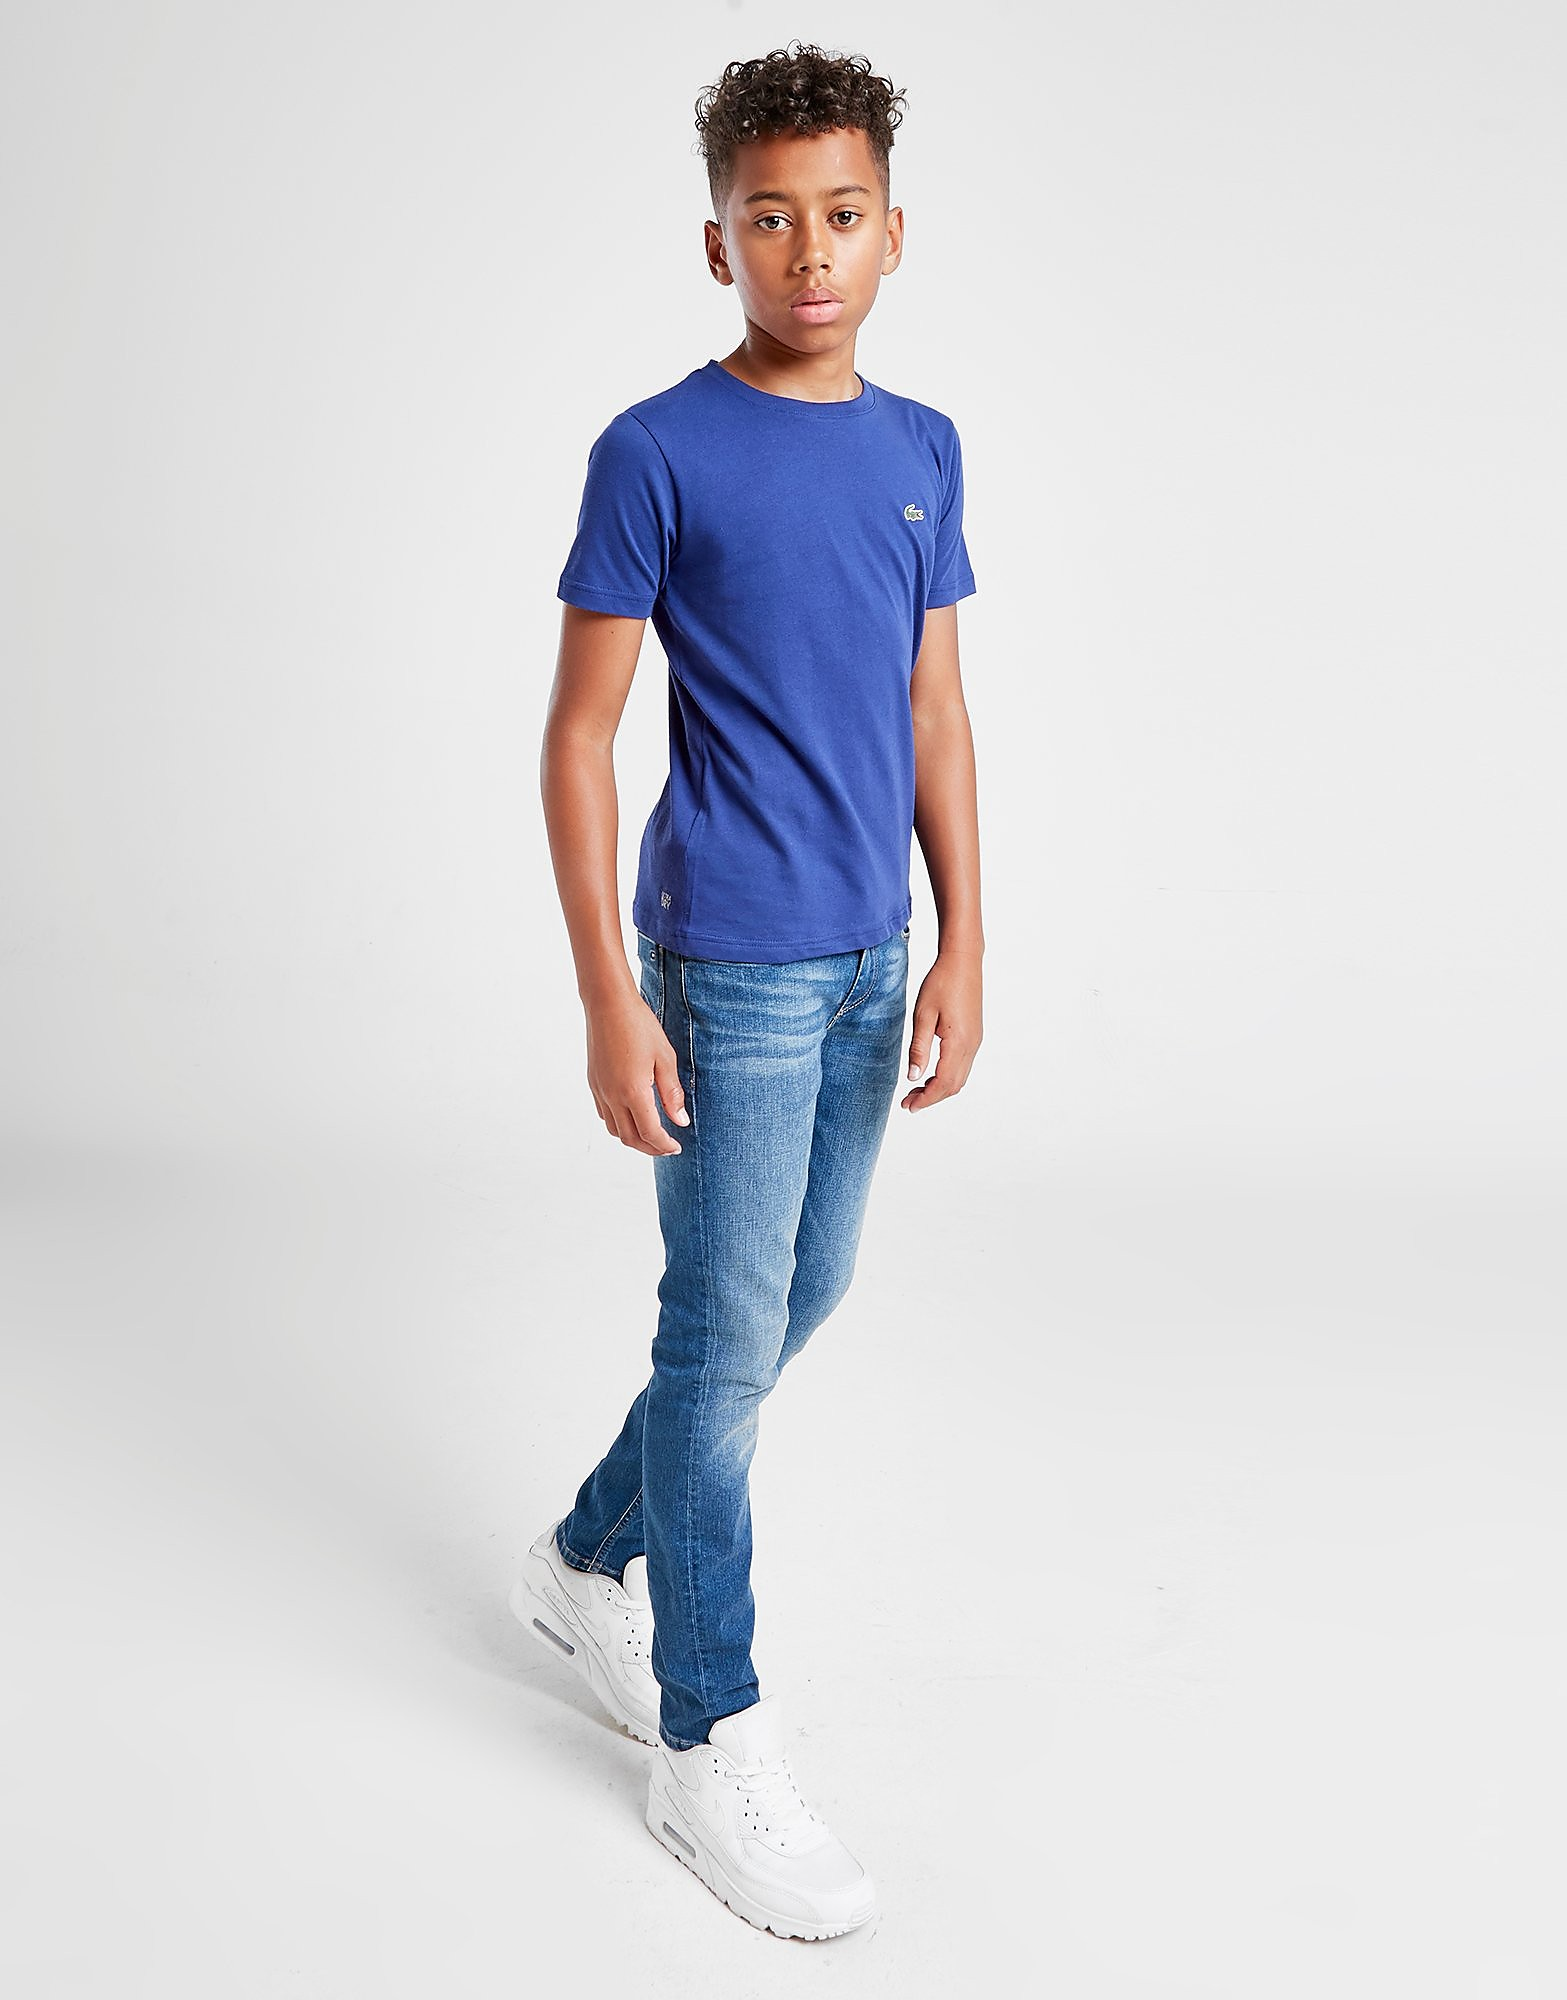 Lacoste Kleines Logo T-Shirt Junior